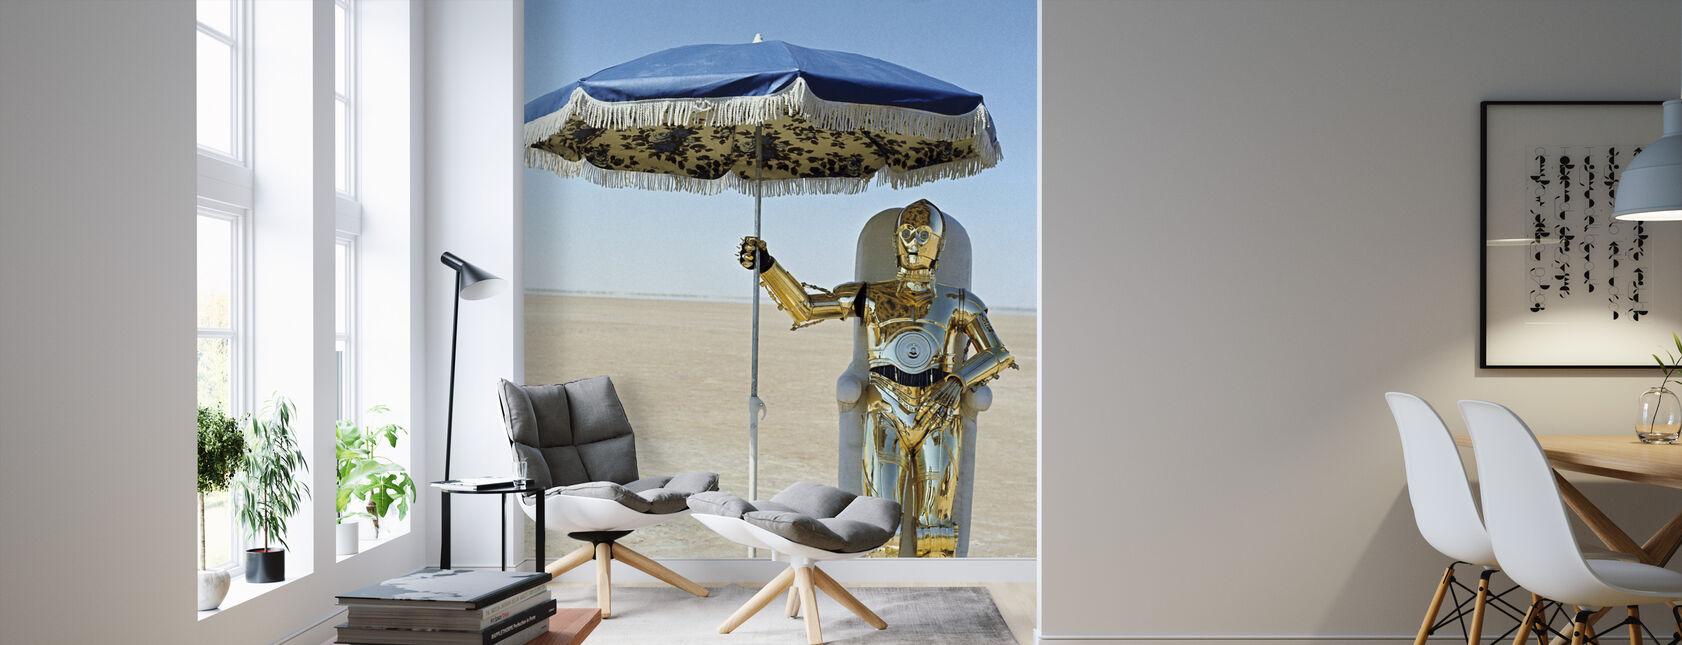 Neue Hoffnung - George Lucas - Tapete - Wohnzimmer